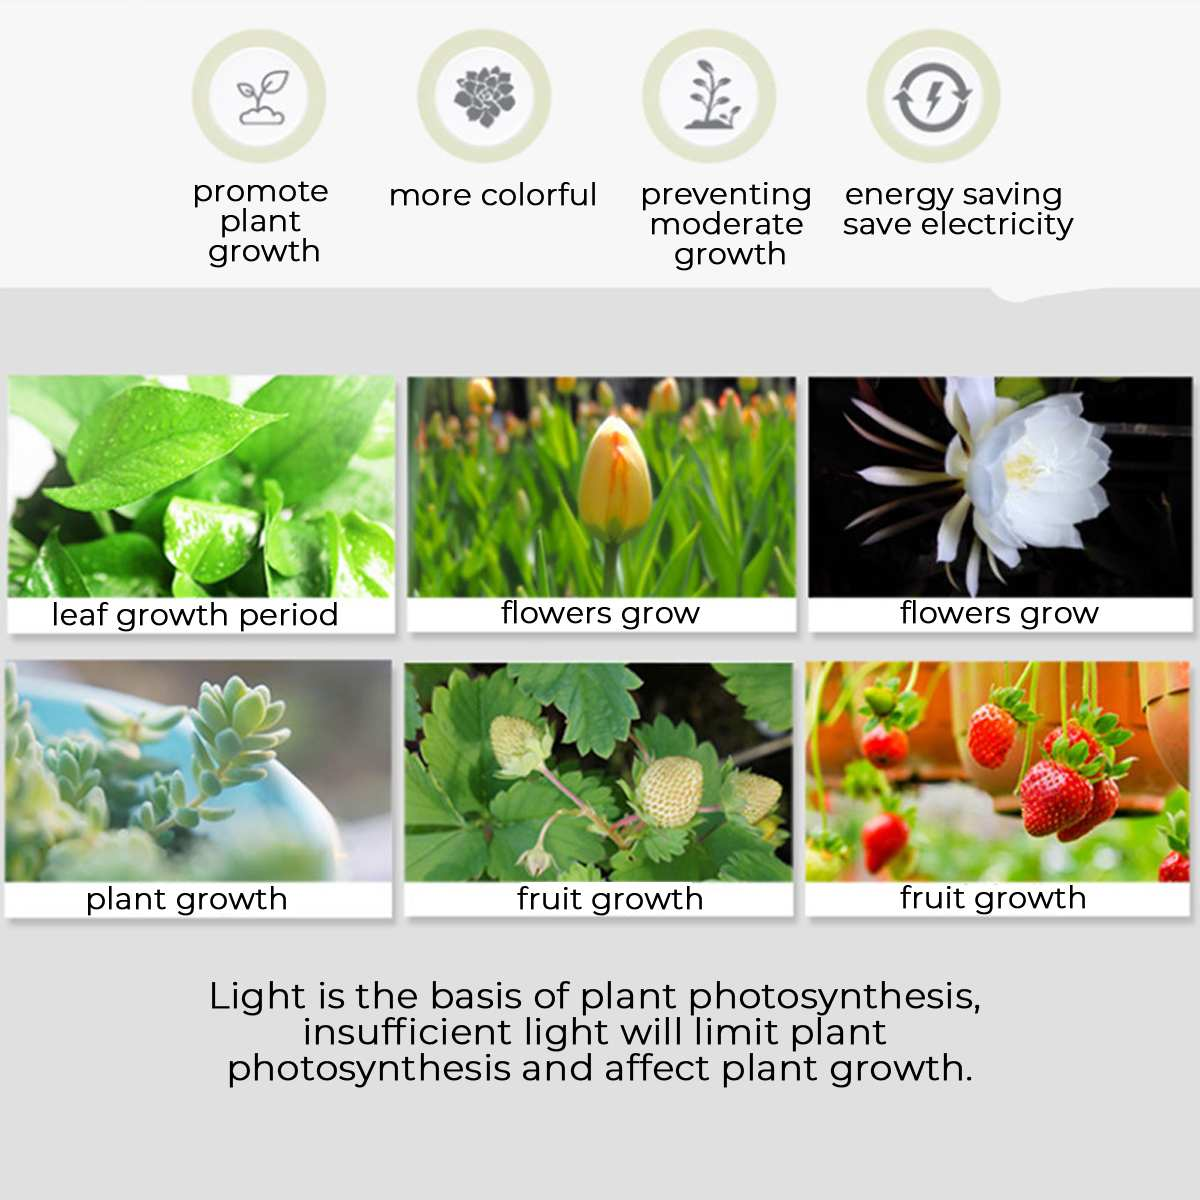 США/ЕС 20 Вт светодиодный, полный спектр, высокая эффективность, система освещения для выращивания растений, цветочный горшок, полка для растений с огнями для комнатных цветов